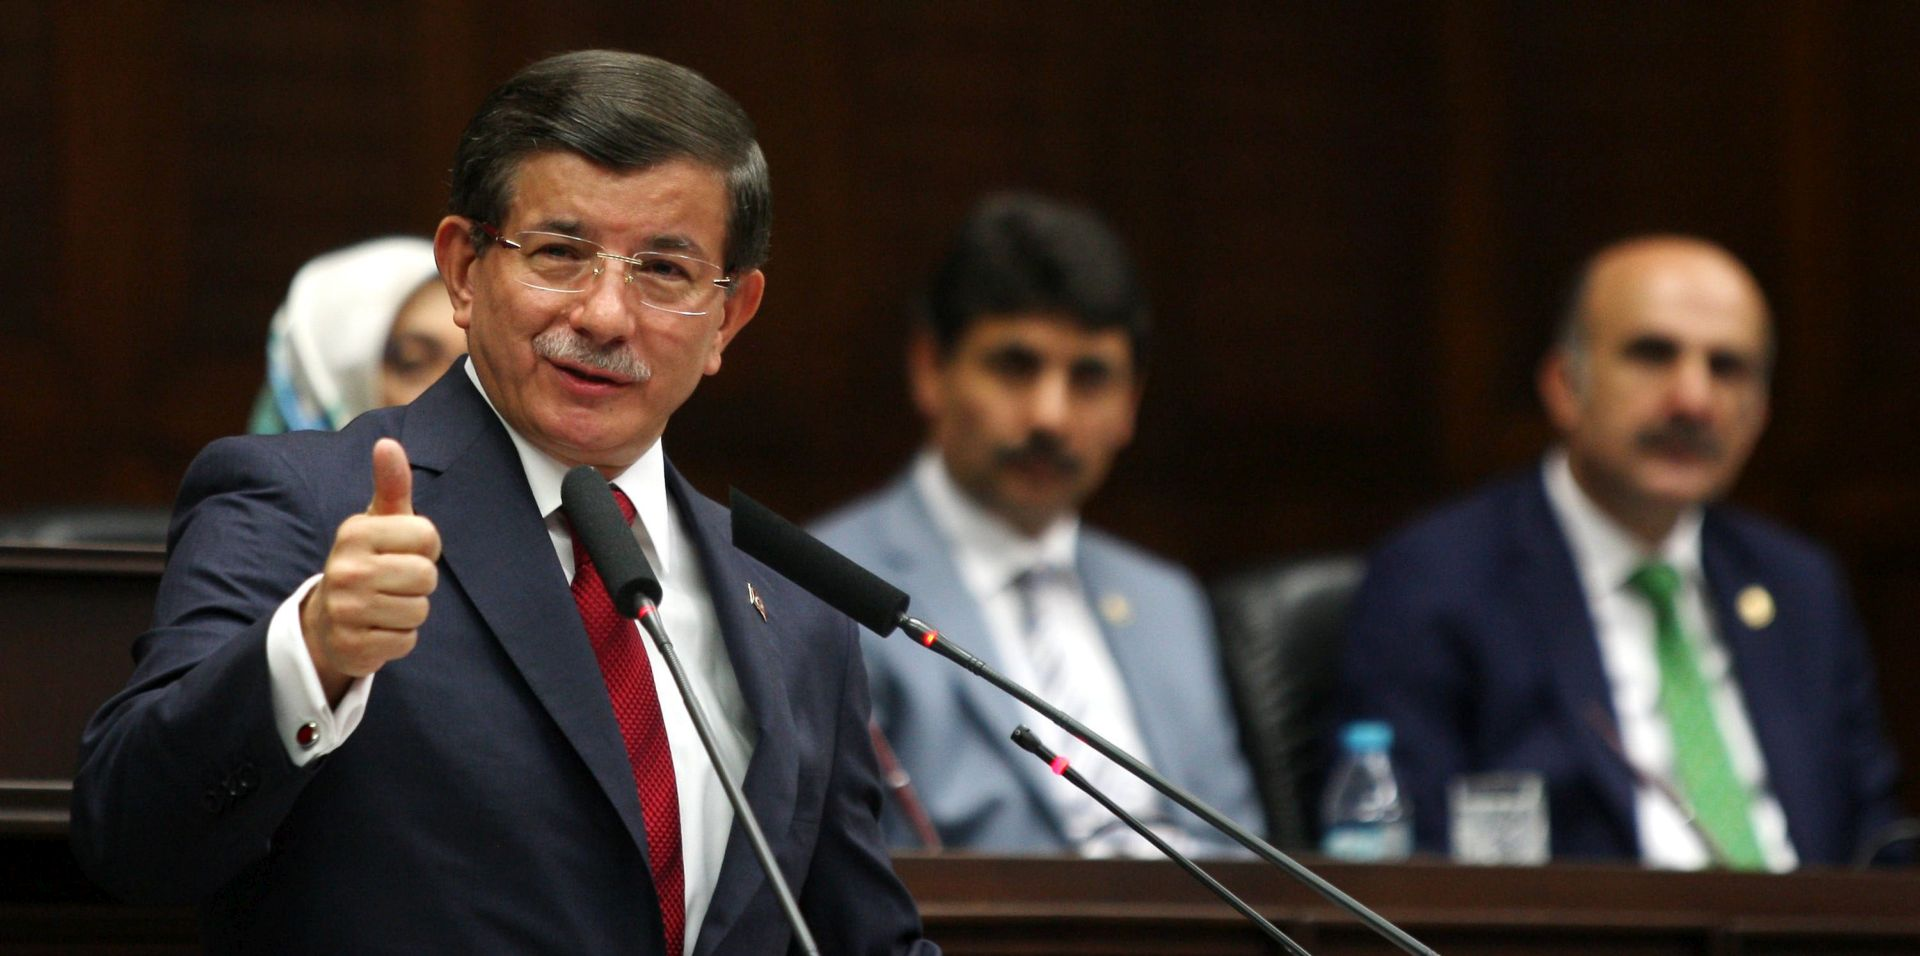 Turska neće poštivati sporazum o migrantima ukoliko EU ne osigura bezvizni režim